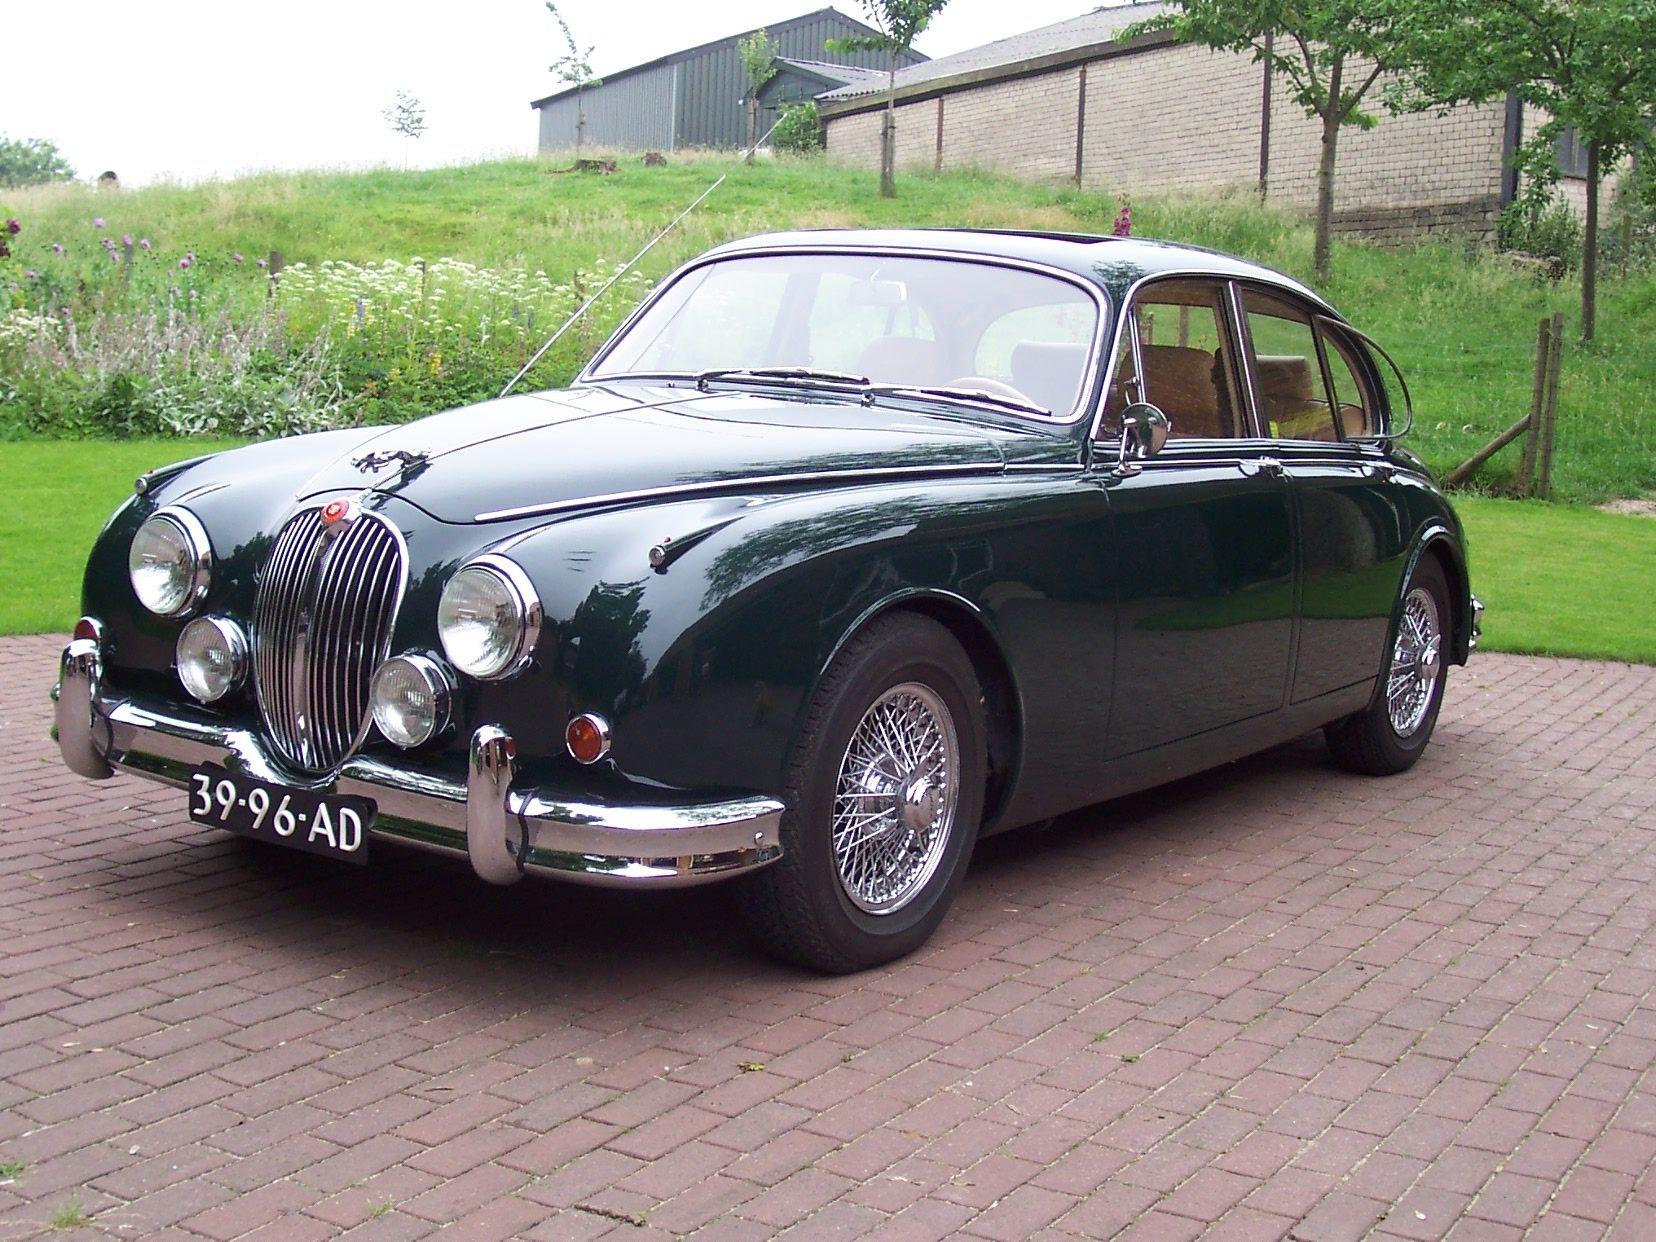 1962 Jaguar 3 8 Litre Mk2 4 Door Salon With Sun Roof And Chrome Wire Wheels Jaguar Car Classic Cars Cars Uk